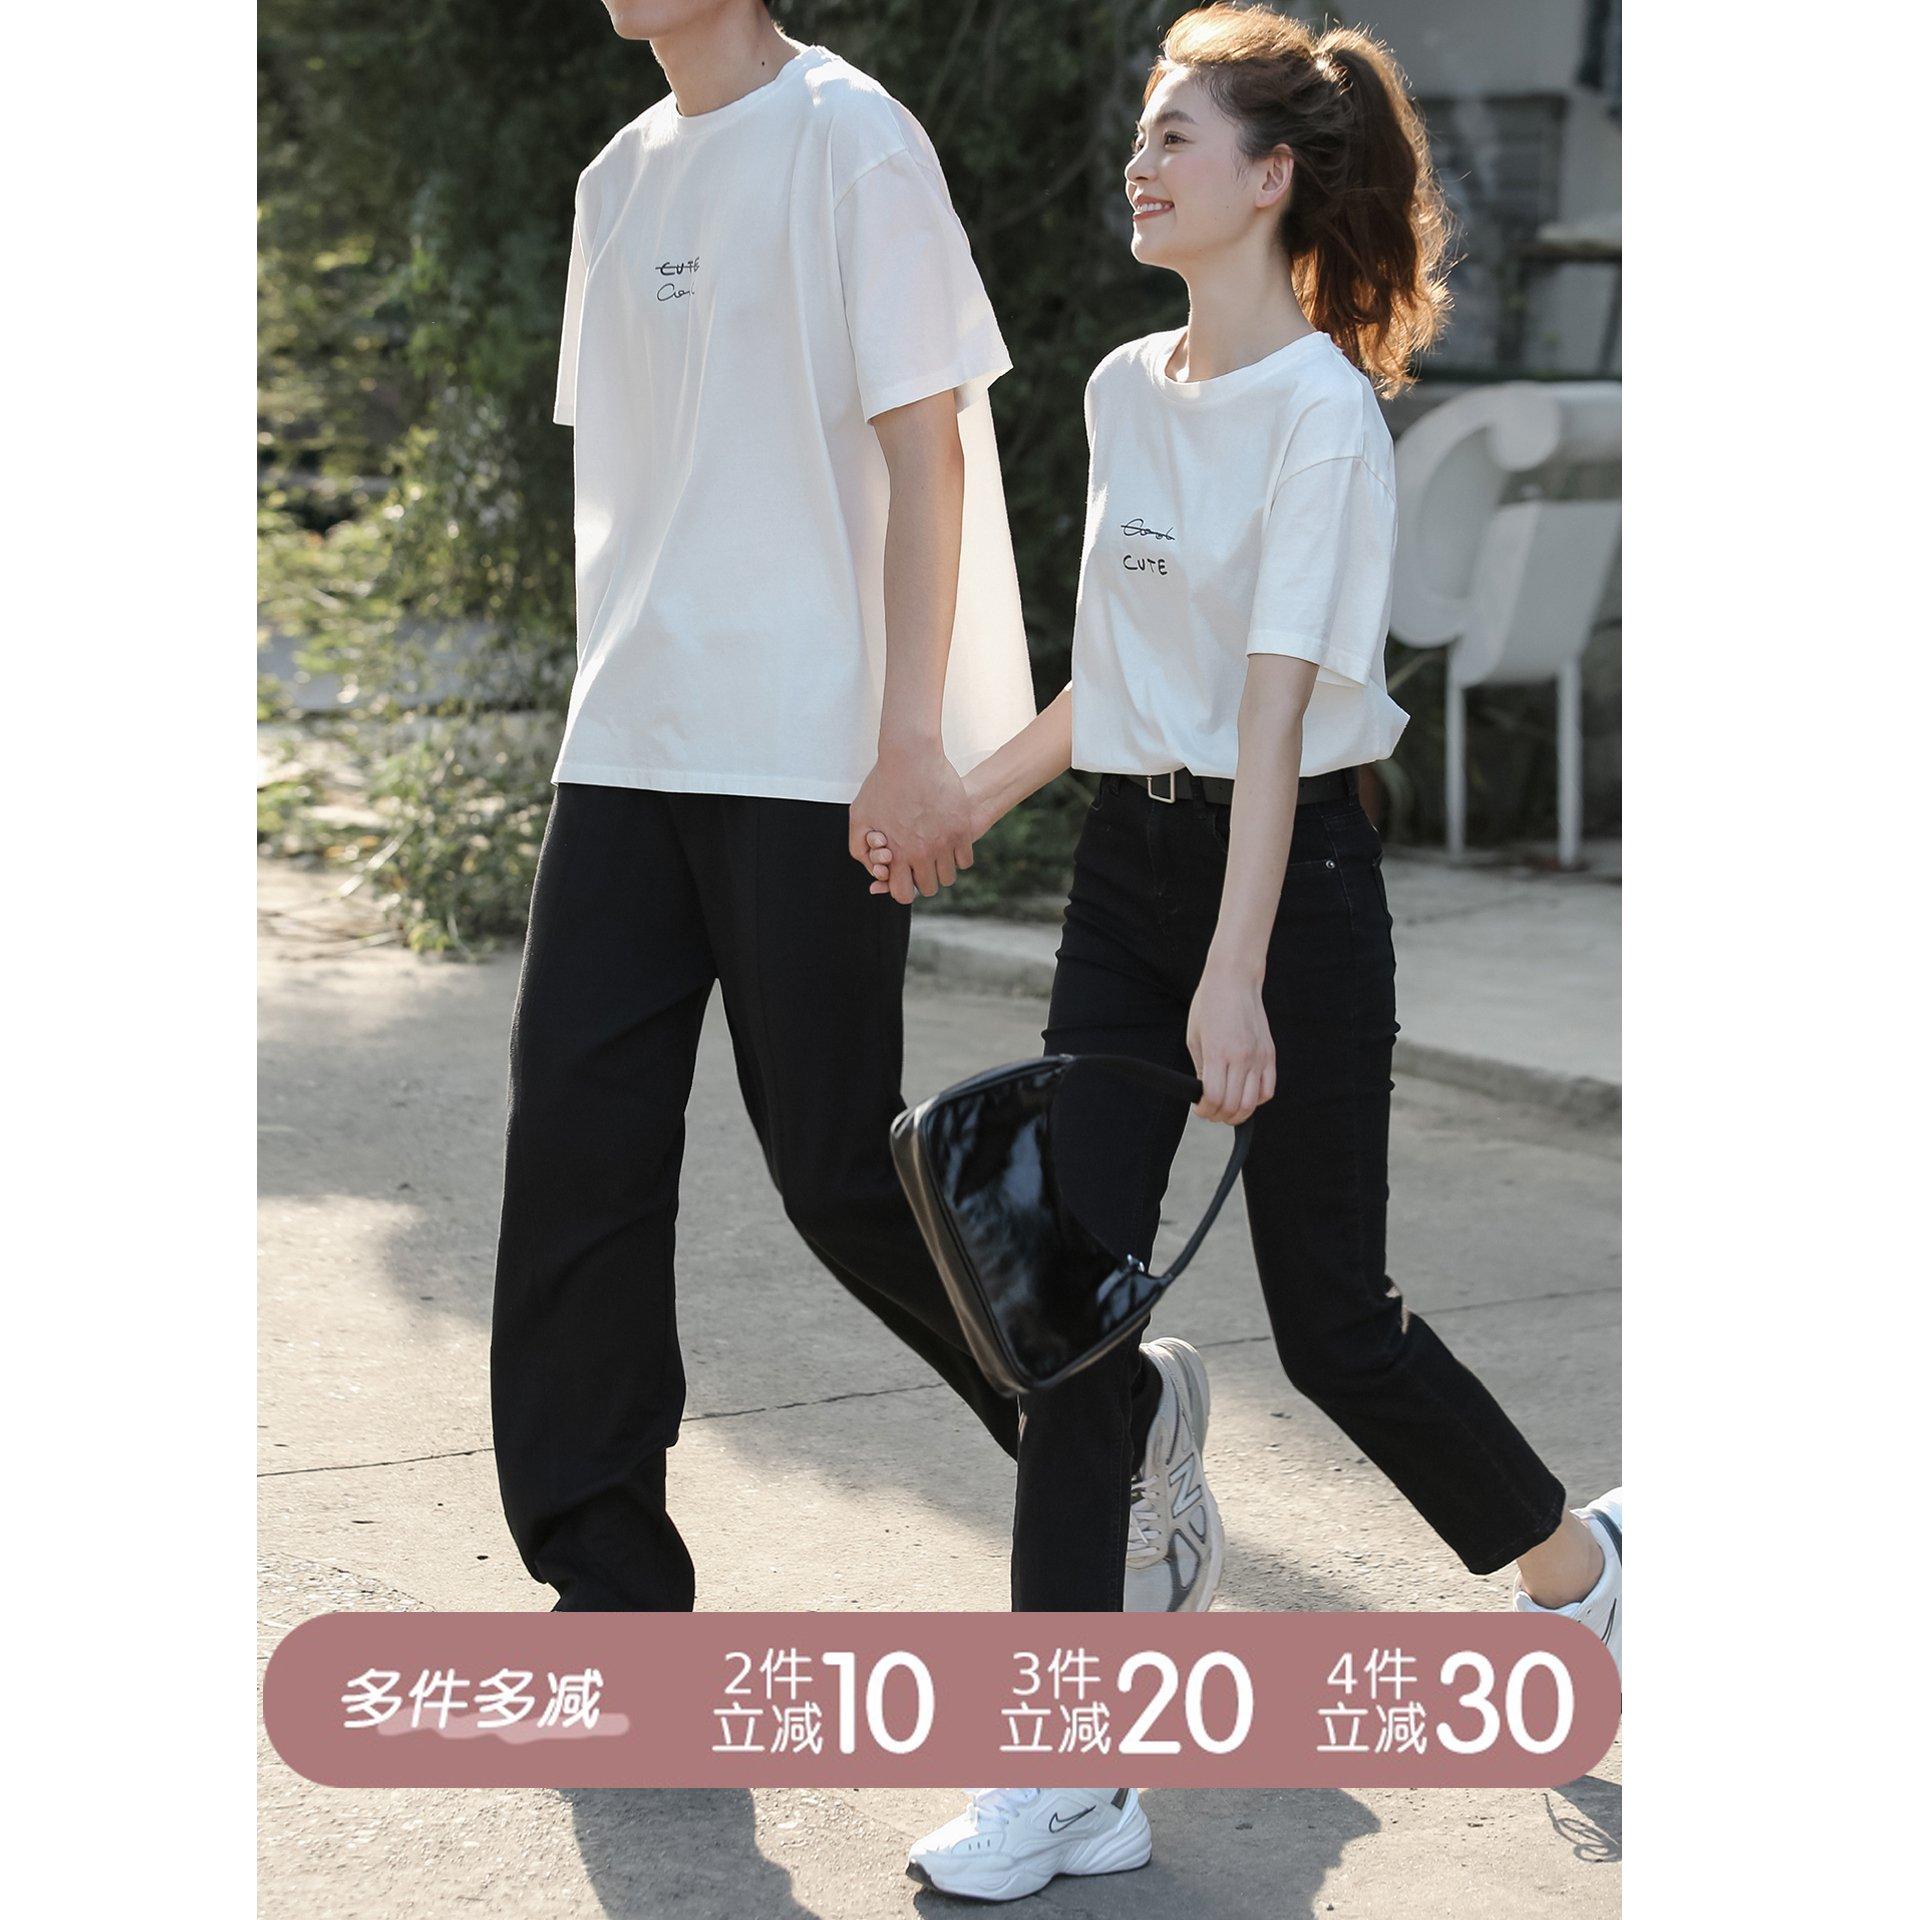 【多件多减】恋爱循环/金哥手绘短袖t恤女白色上衣情侣装夏